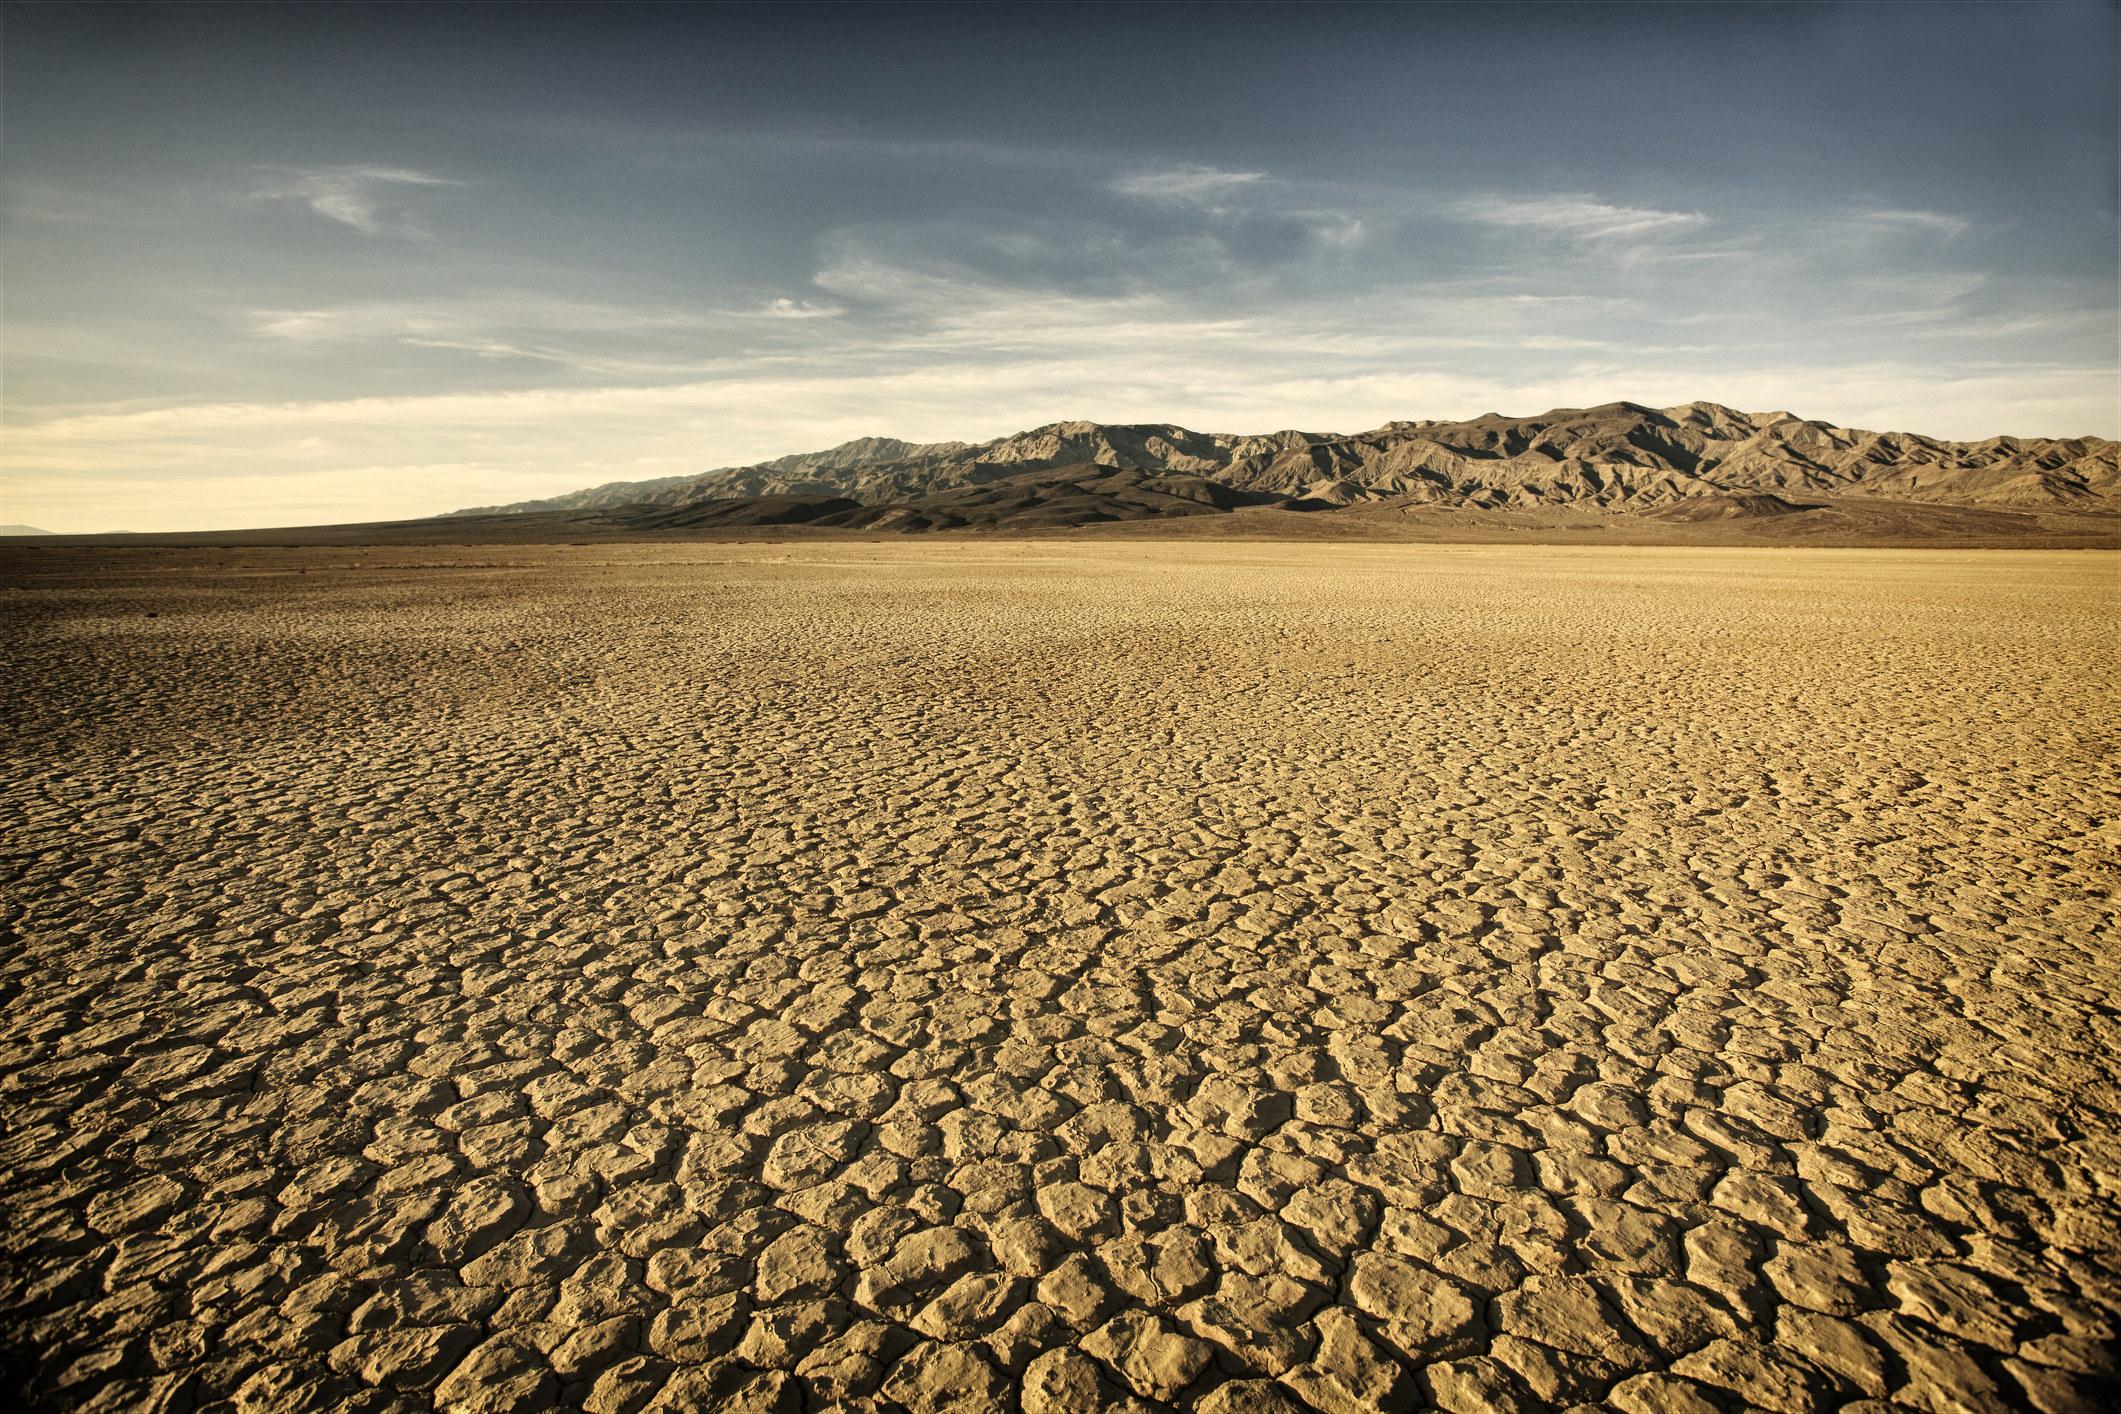 Dry, cracked desert ground